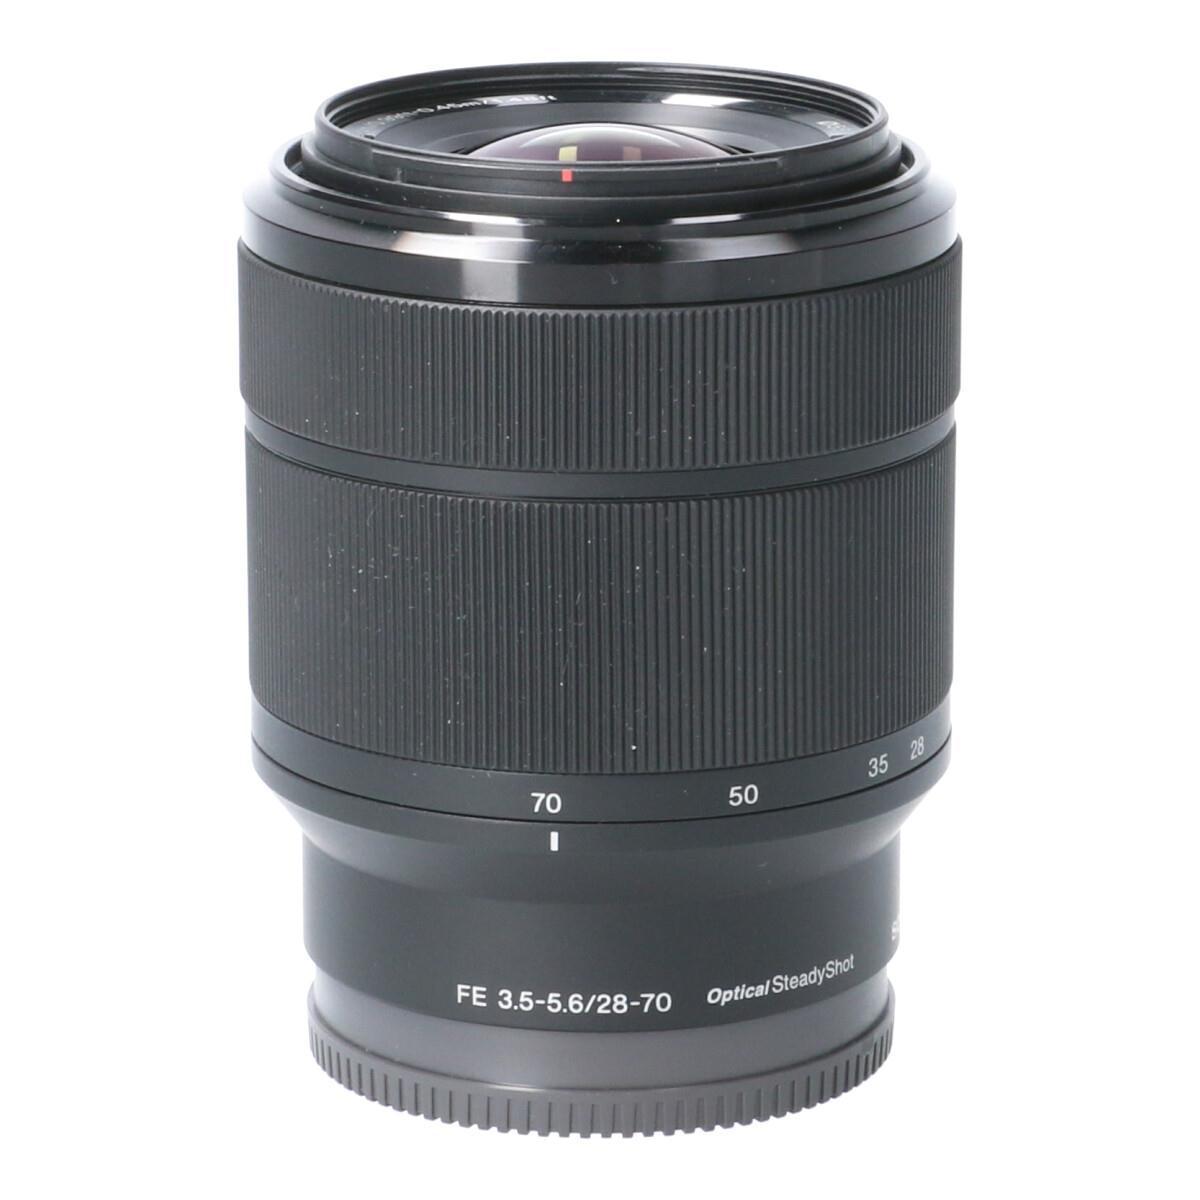 カメラ・ビデオカメラ・光学機器, カメラ用交換レンズ SONY FE2870mm F3556OSS